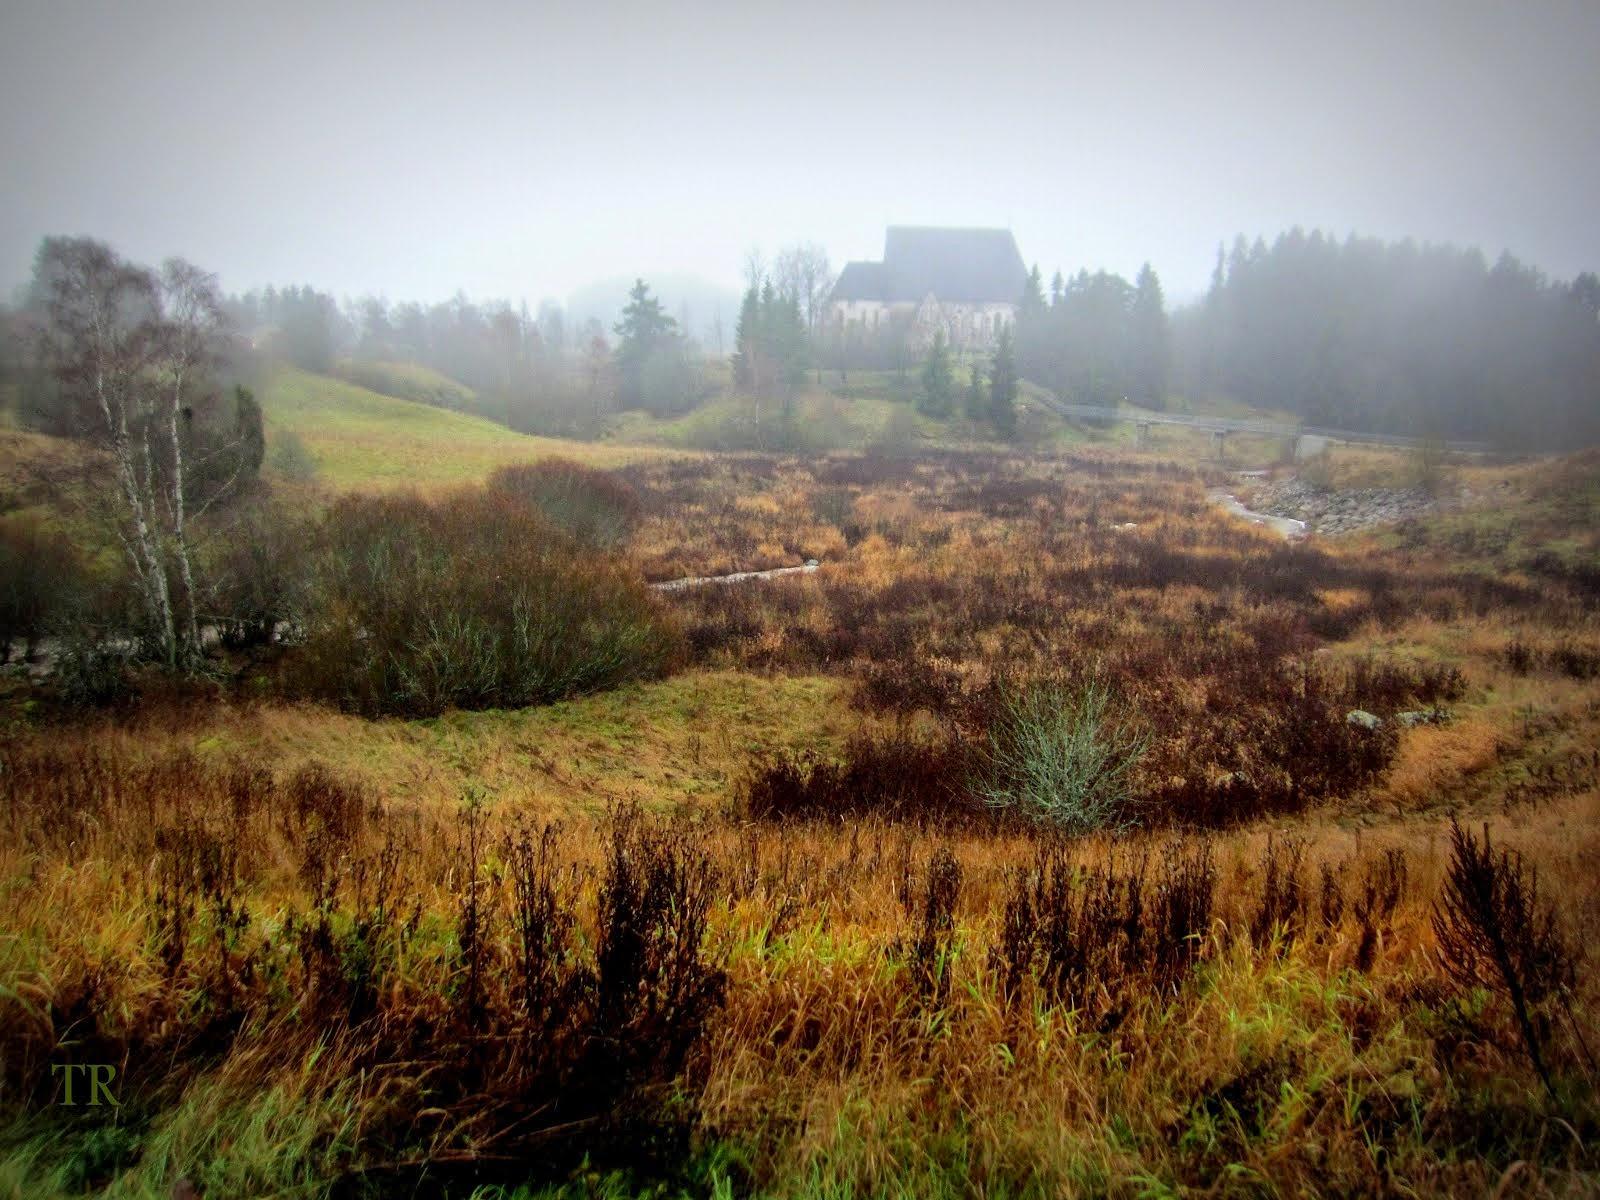 Rannalta tuulee: Kierrätyskeskus Ekomatti